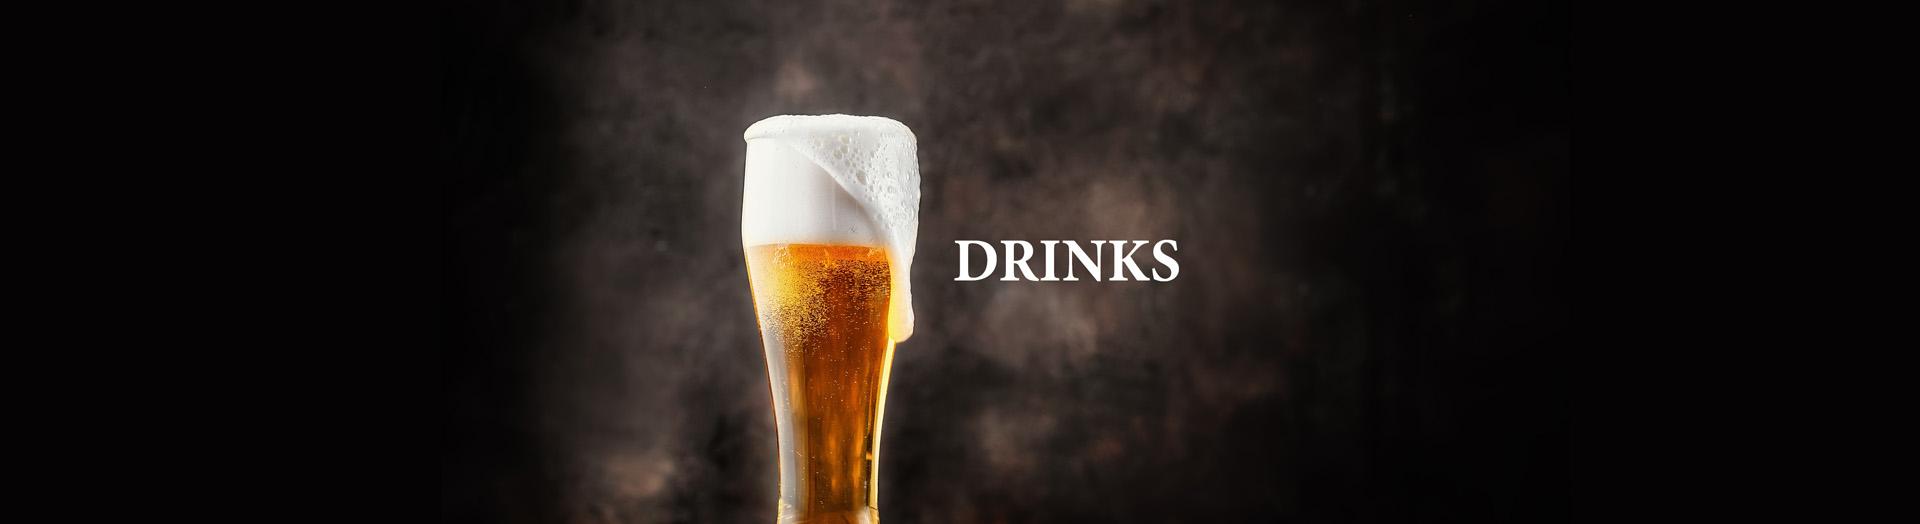 Duke of Normandie Hotel Guernsey Drinks Header